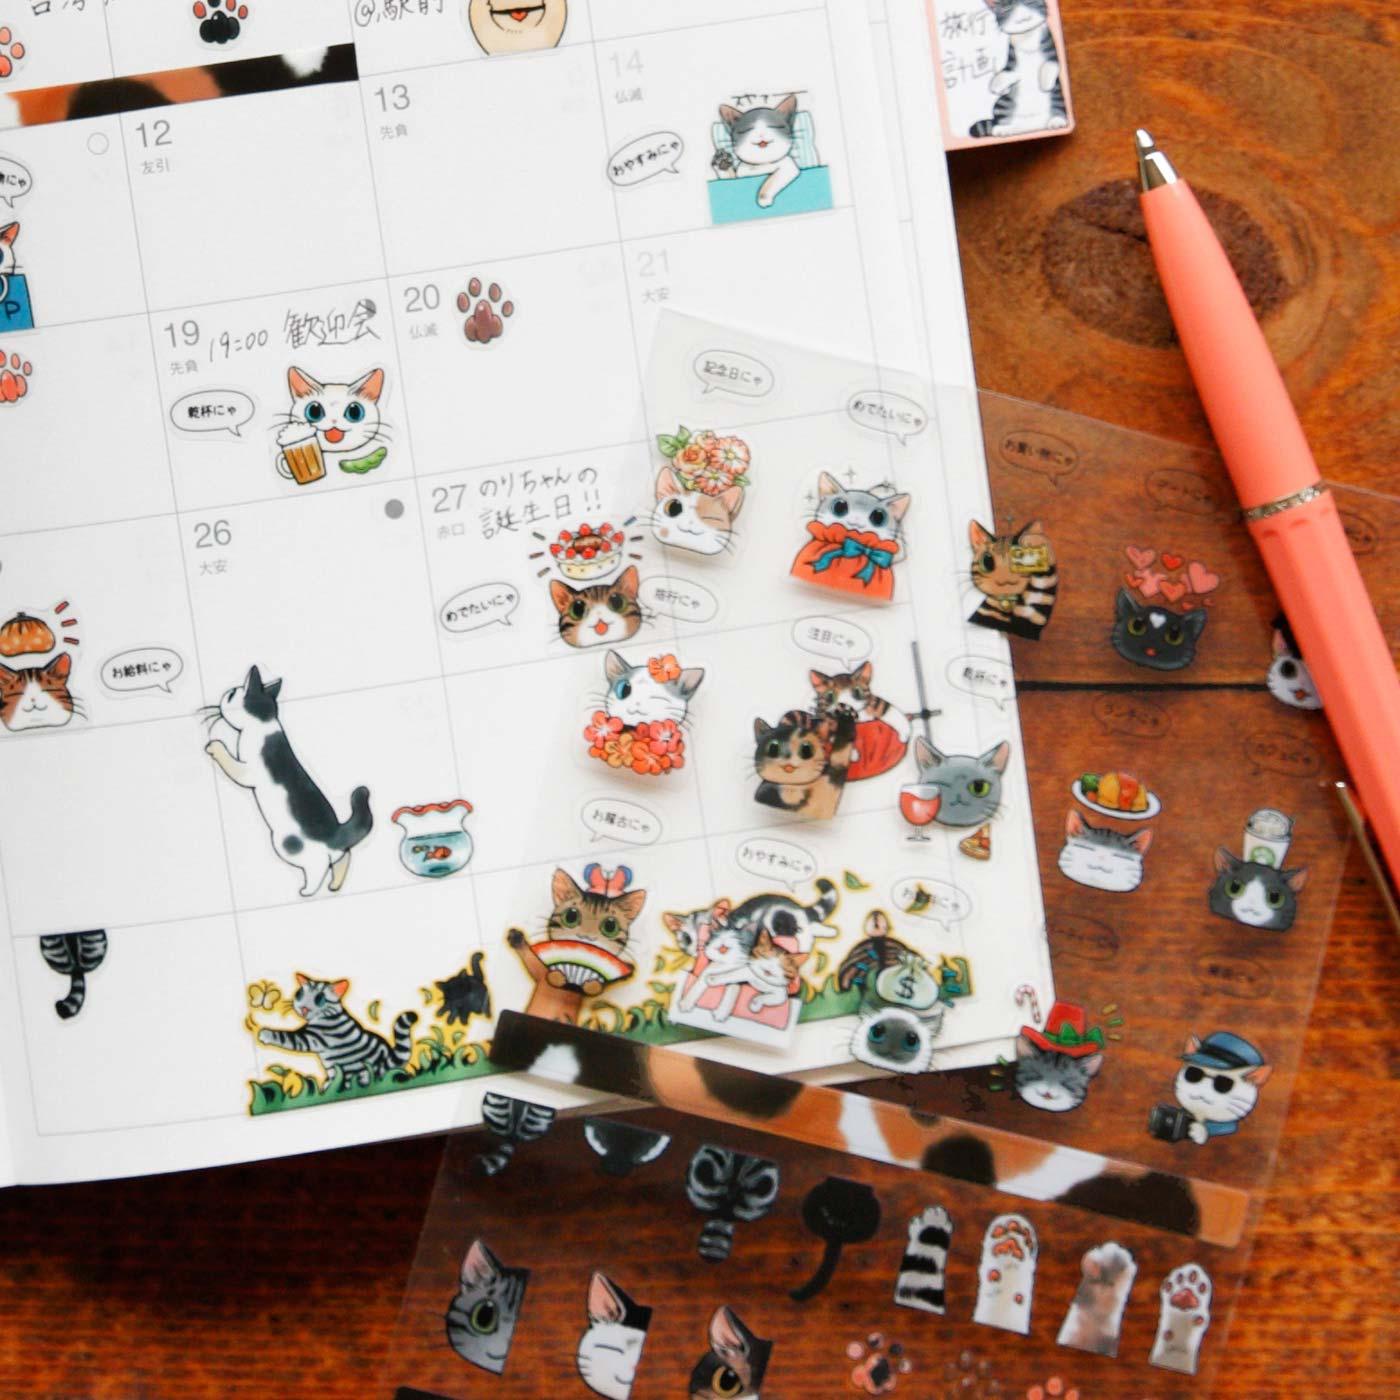 手帳の枠線にもたれかかったり、寝転んだり、手帳の中にまるで猫が住んでいるかのよう!